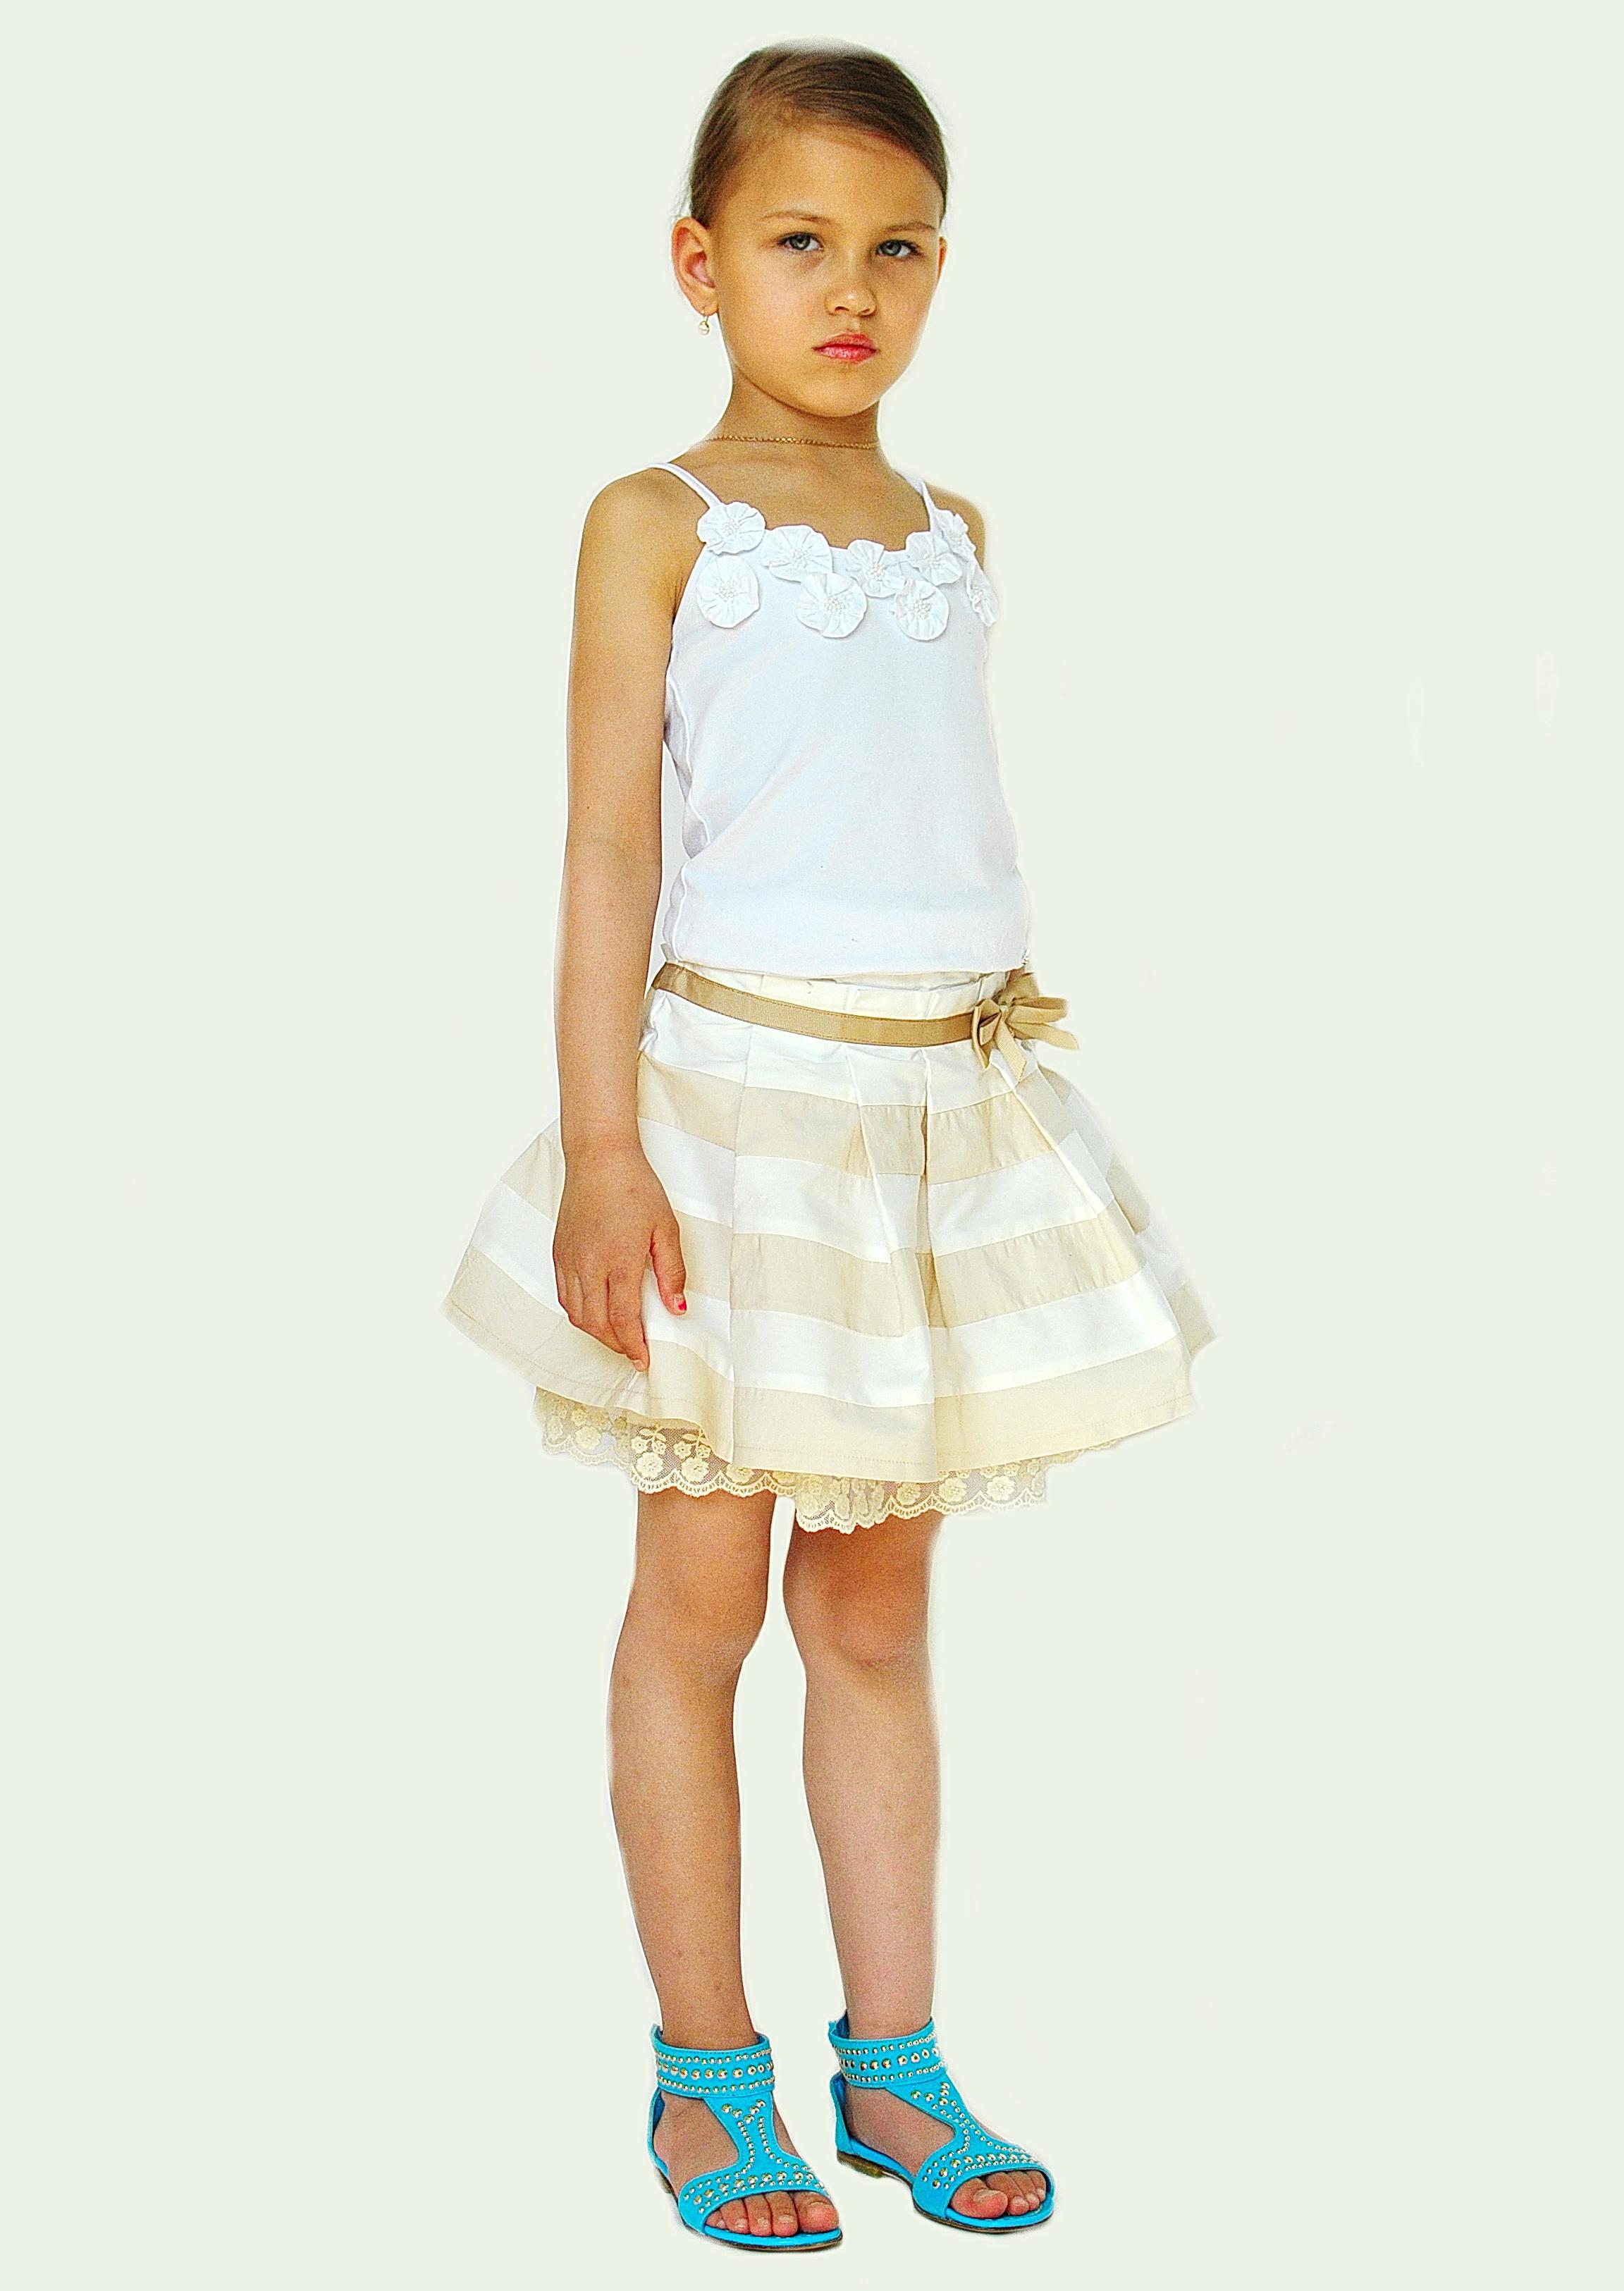 Фото 9: Модная юбка byblos для девочек